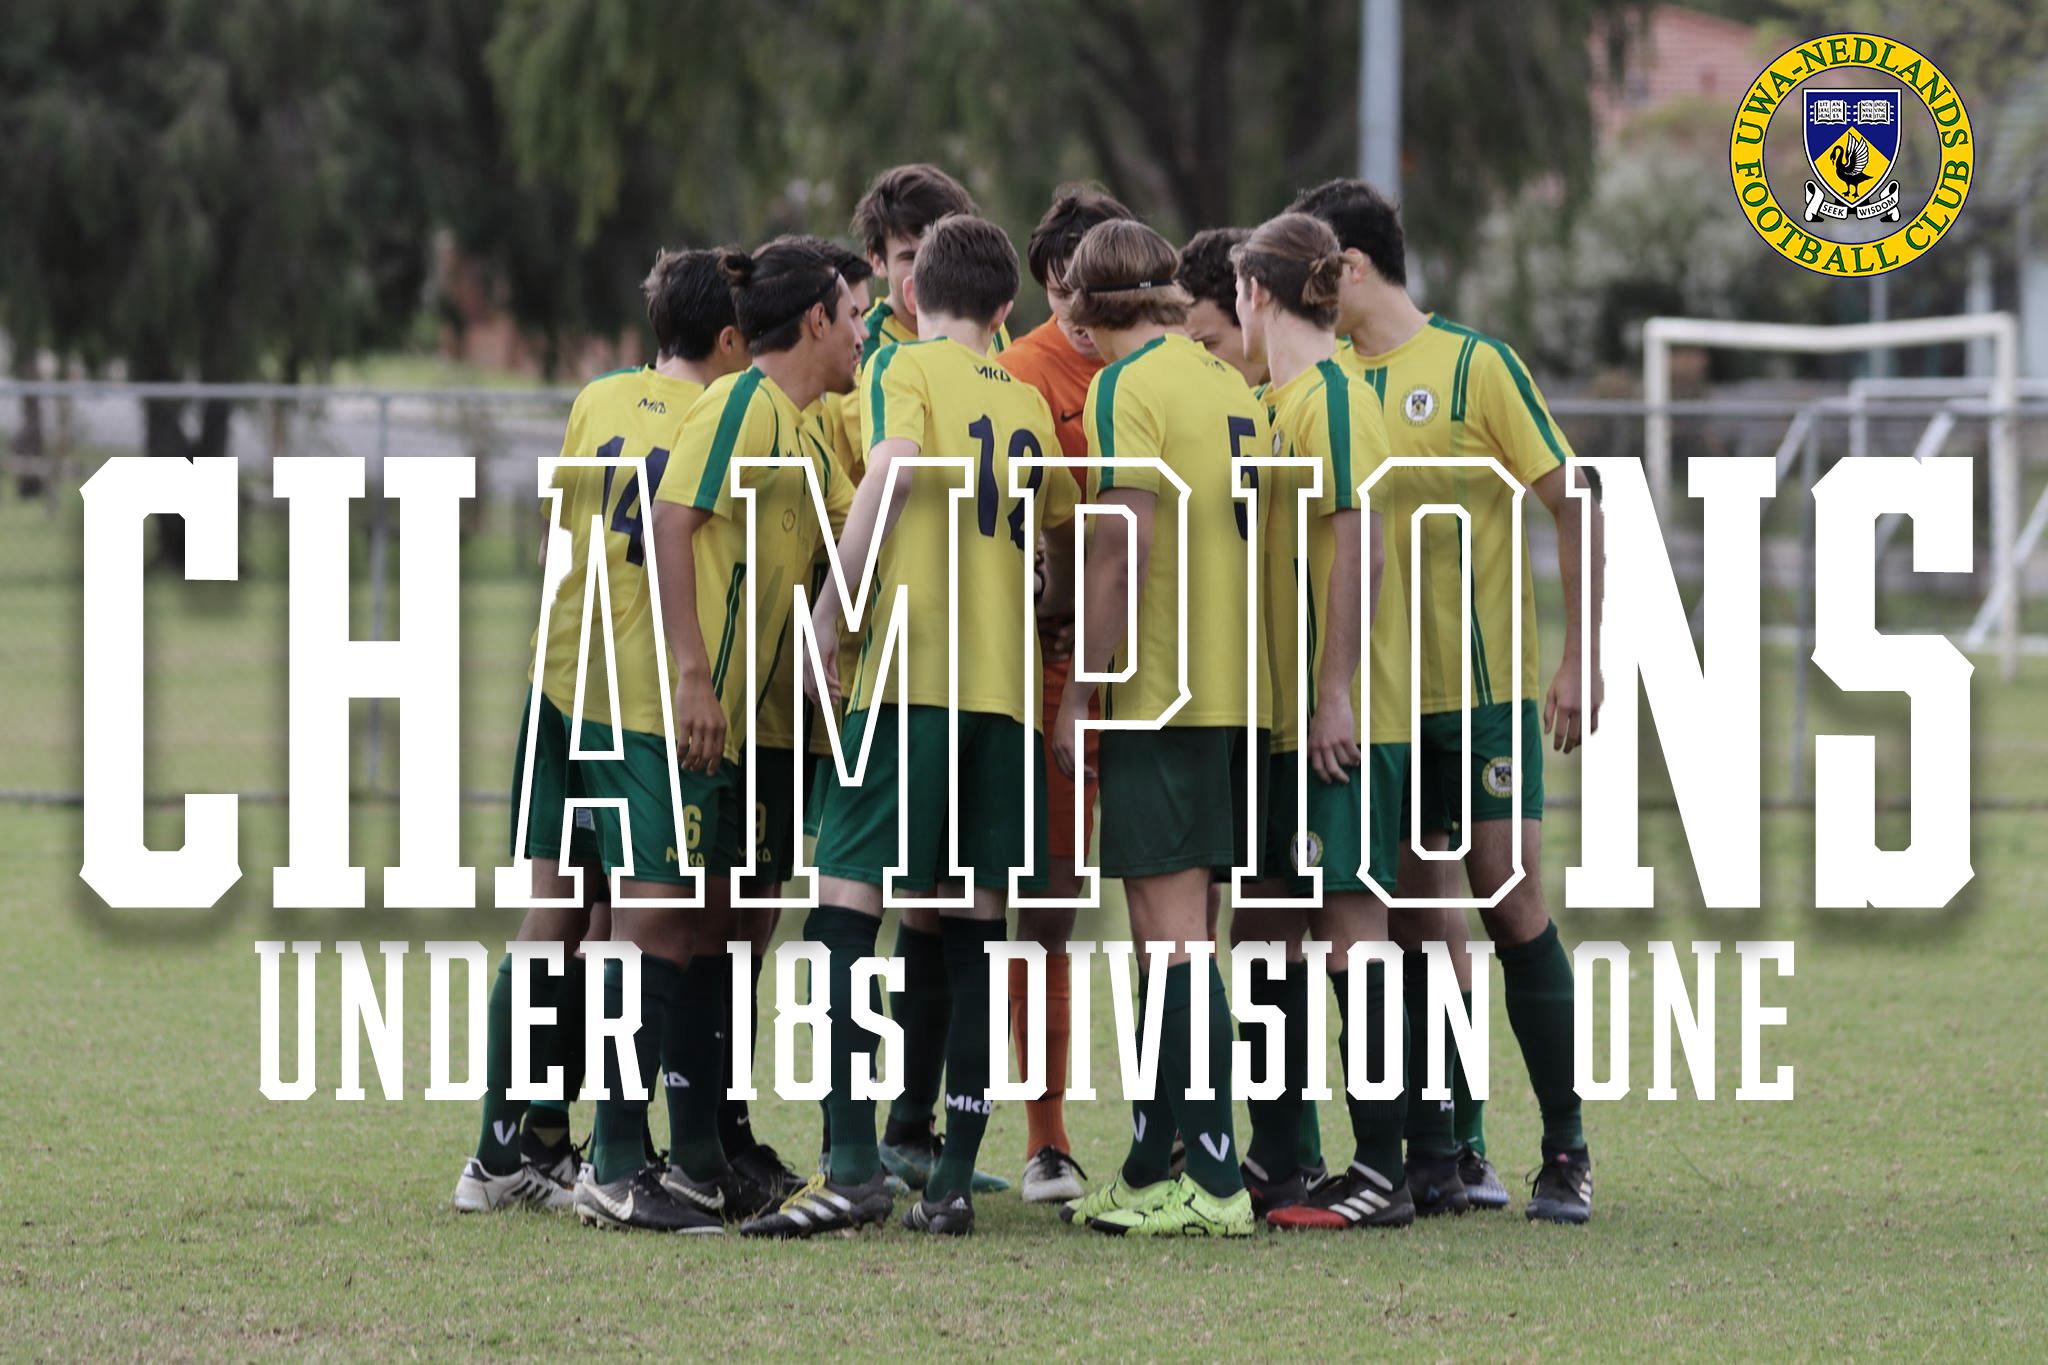 UWANFC Champions.jpg